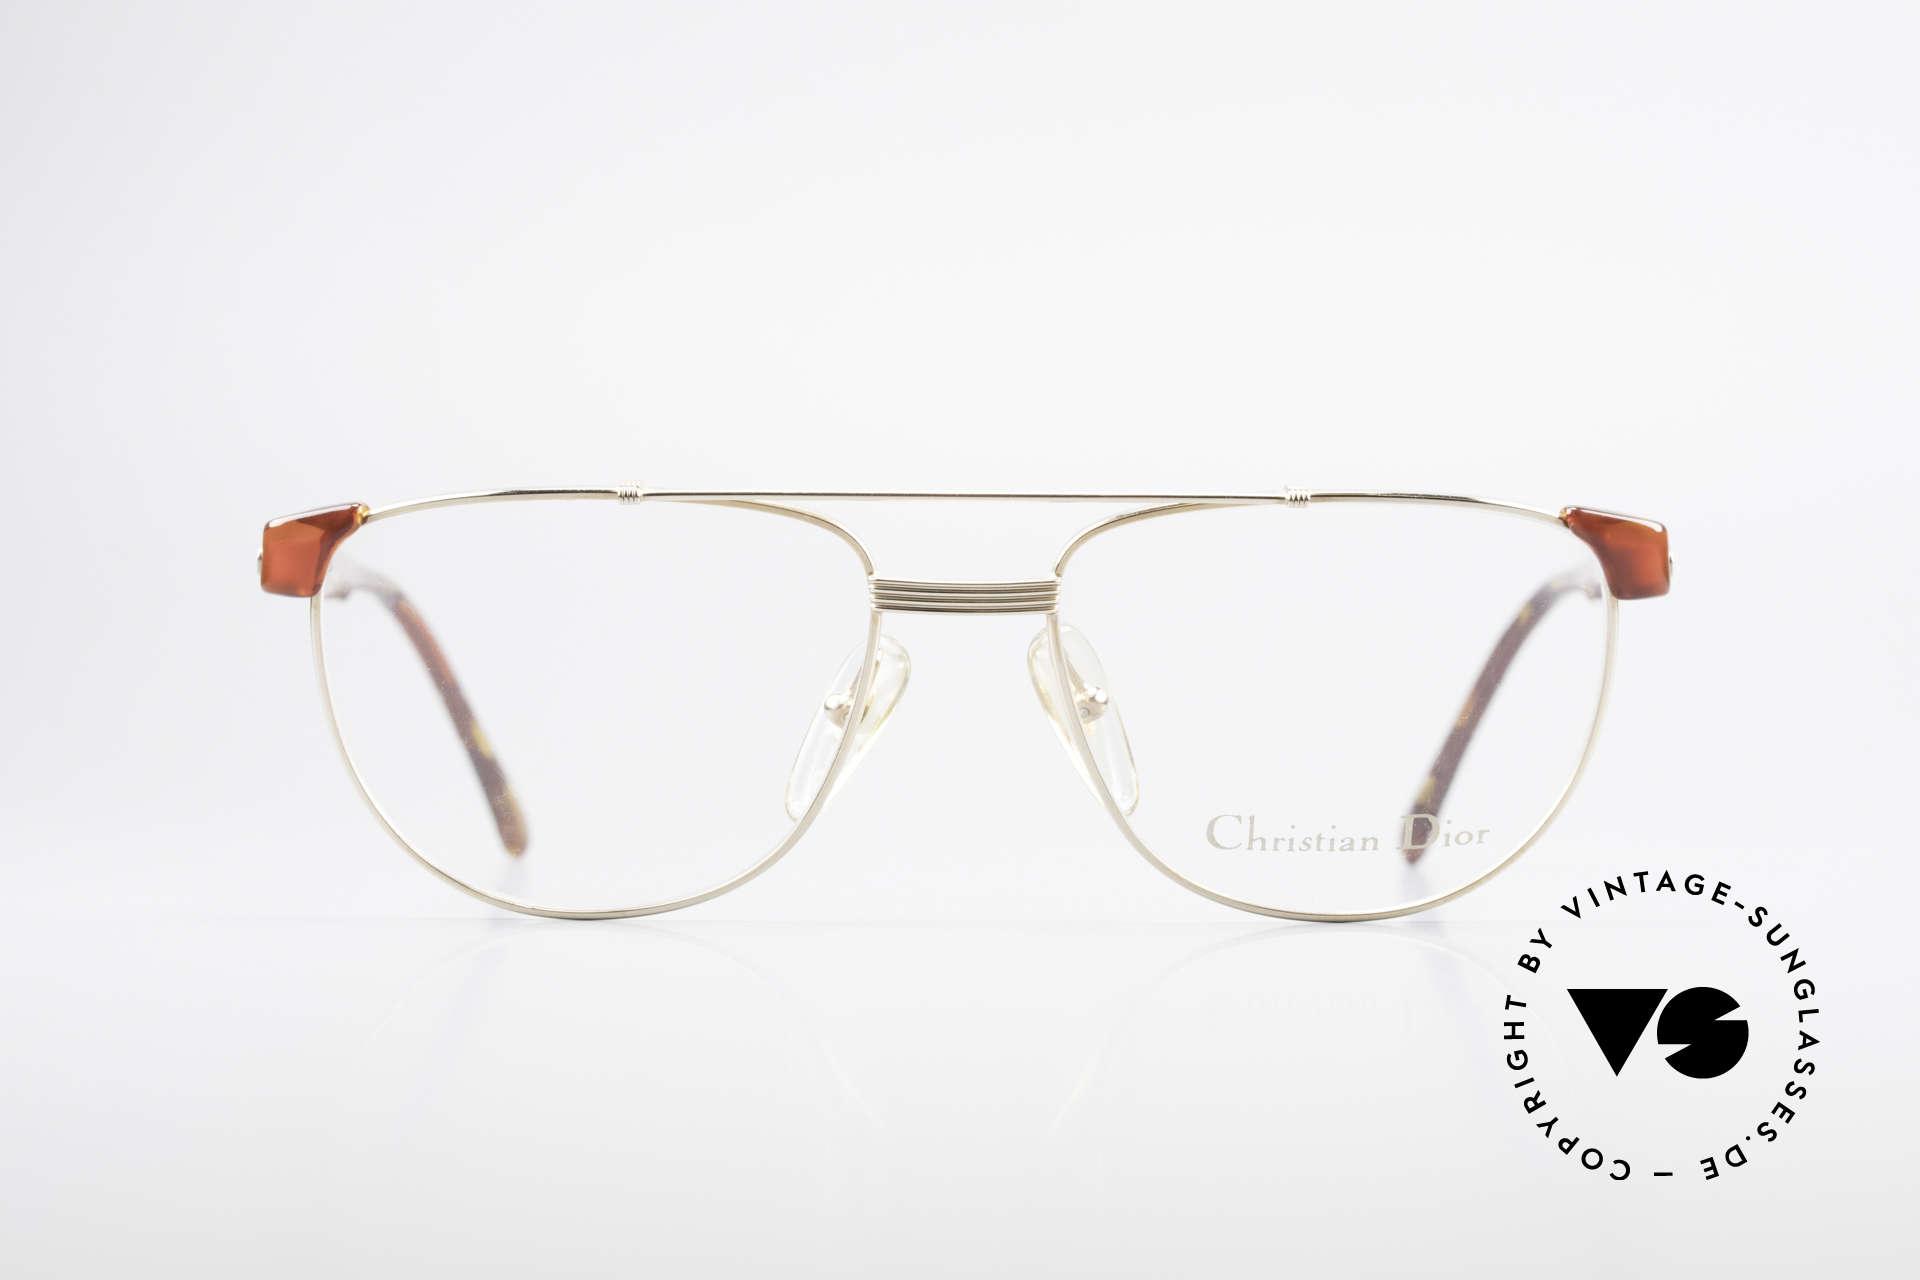 Christian Dior 2722 90er Designer Brille Unisex, Kombination von Metallfassung mit Kunststoff, Passend für Herren und Damen